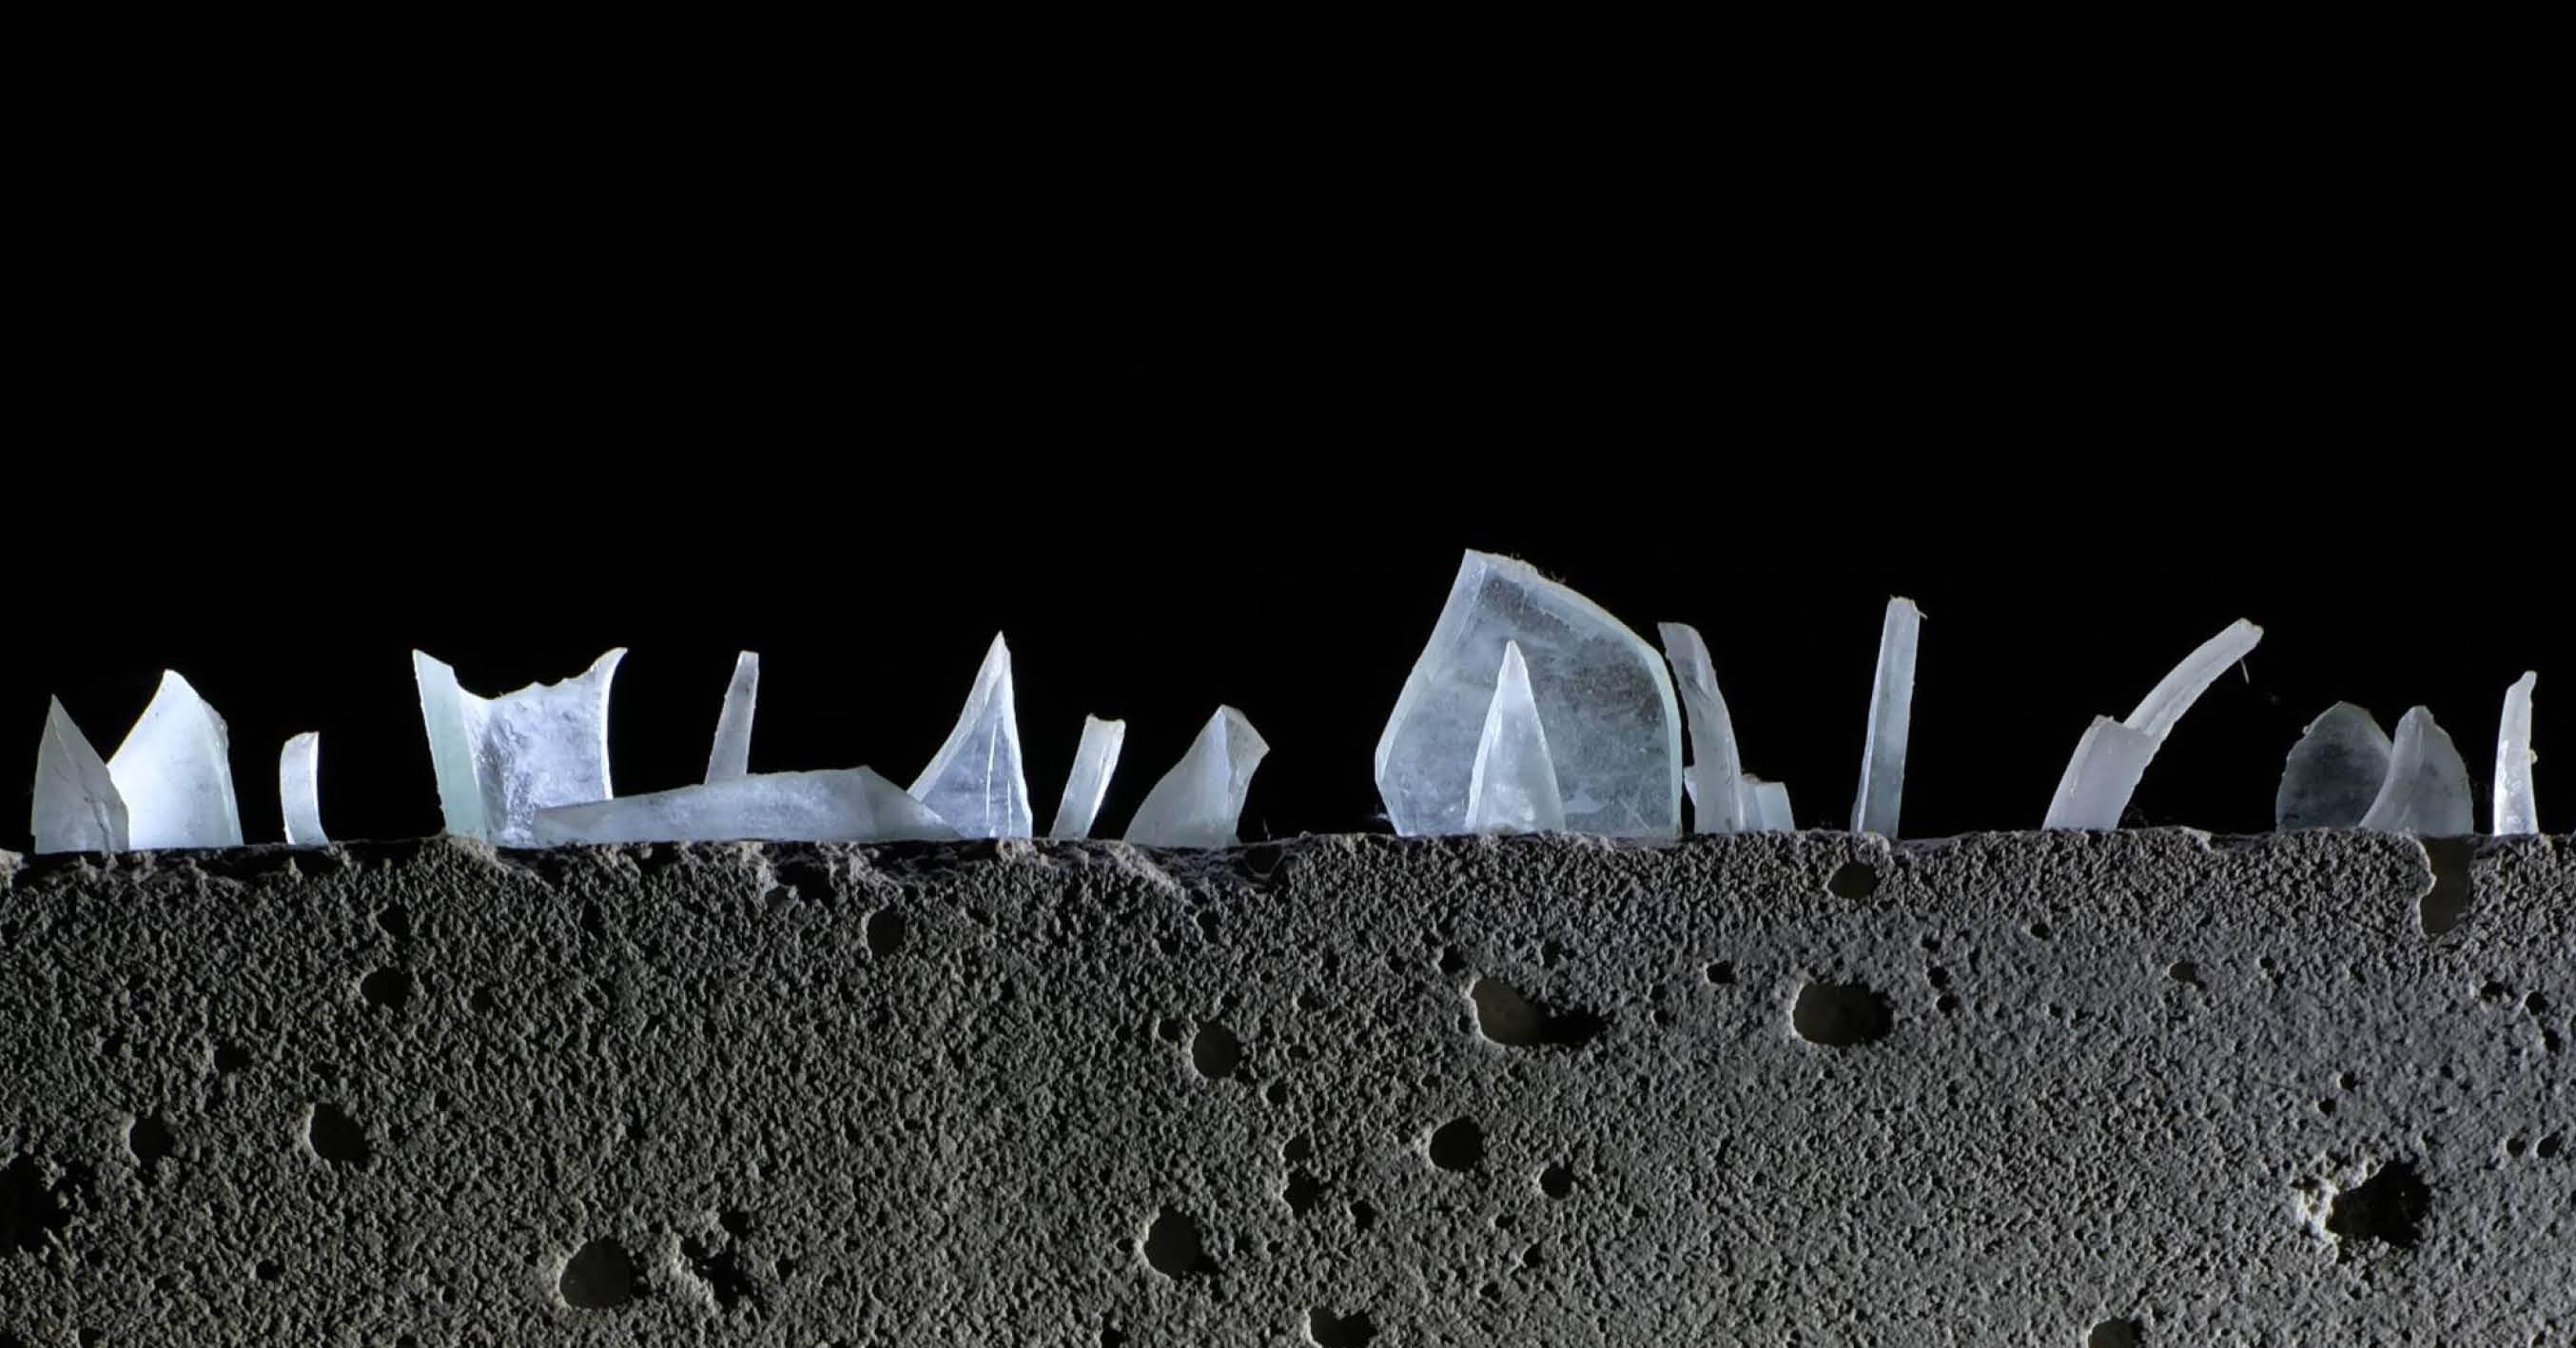 Solidi in un cielo lontano: note sulla mostra «Solidi. Archeologia dell'avvenire»